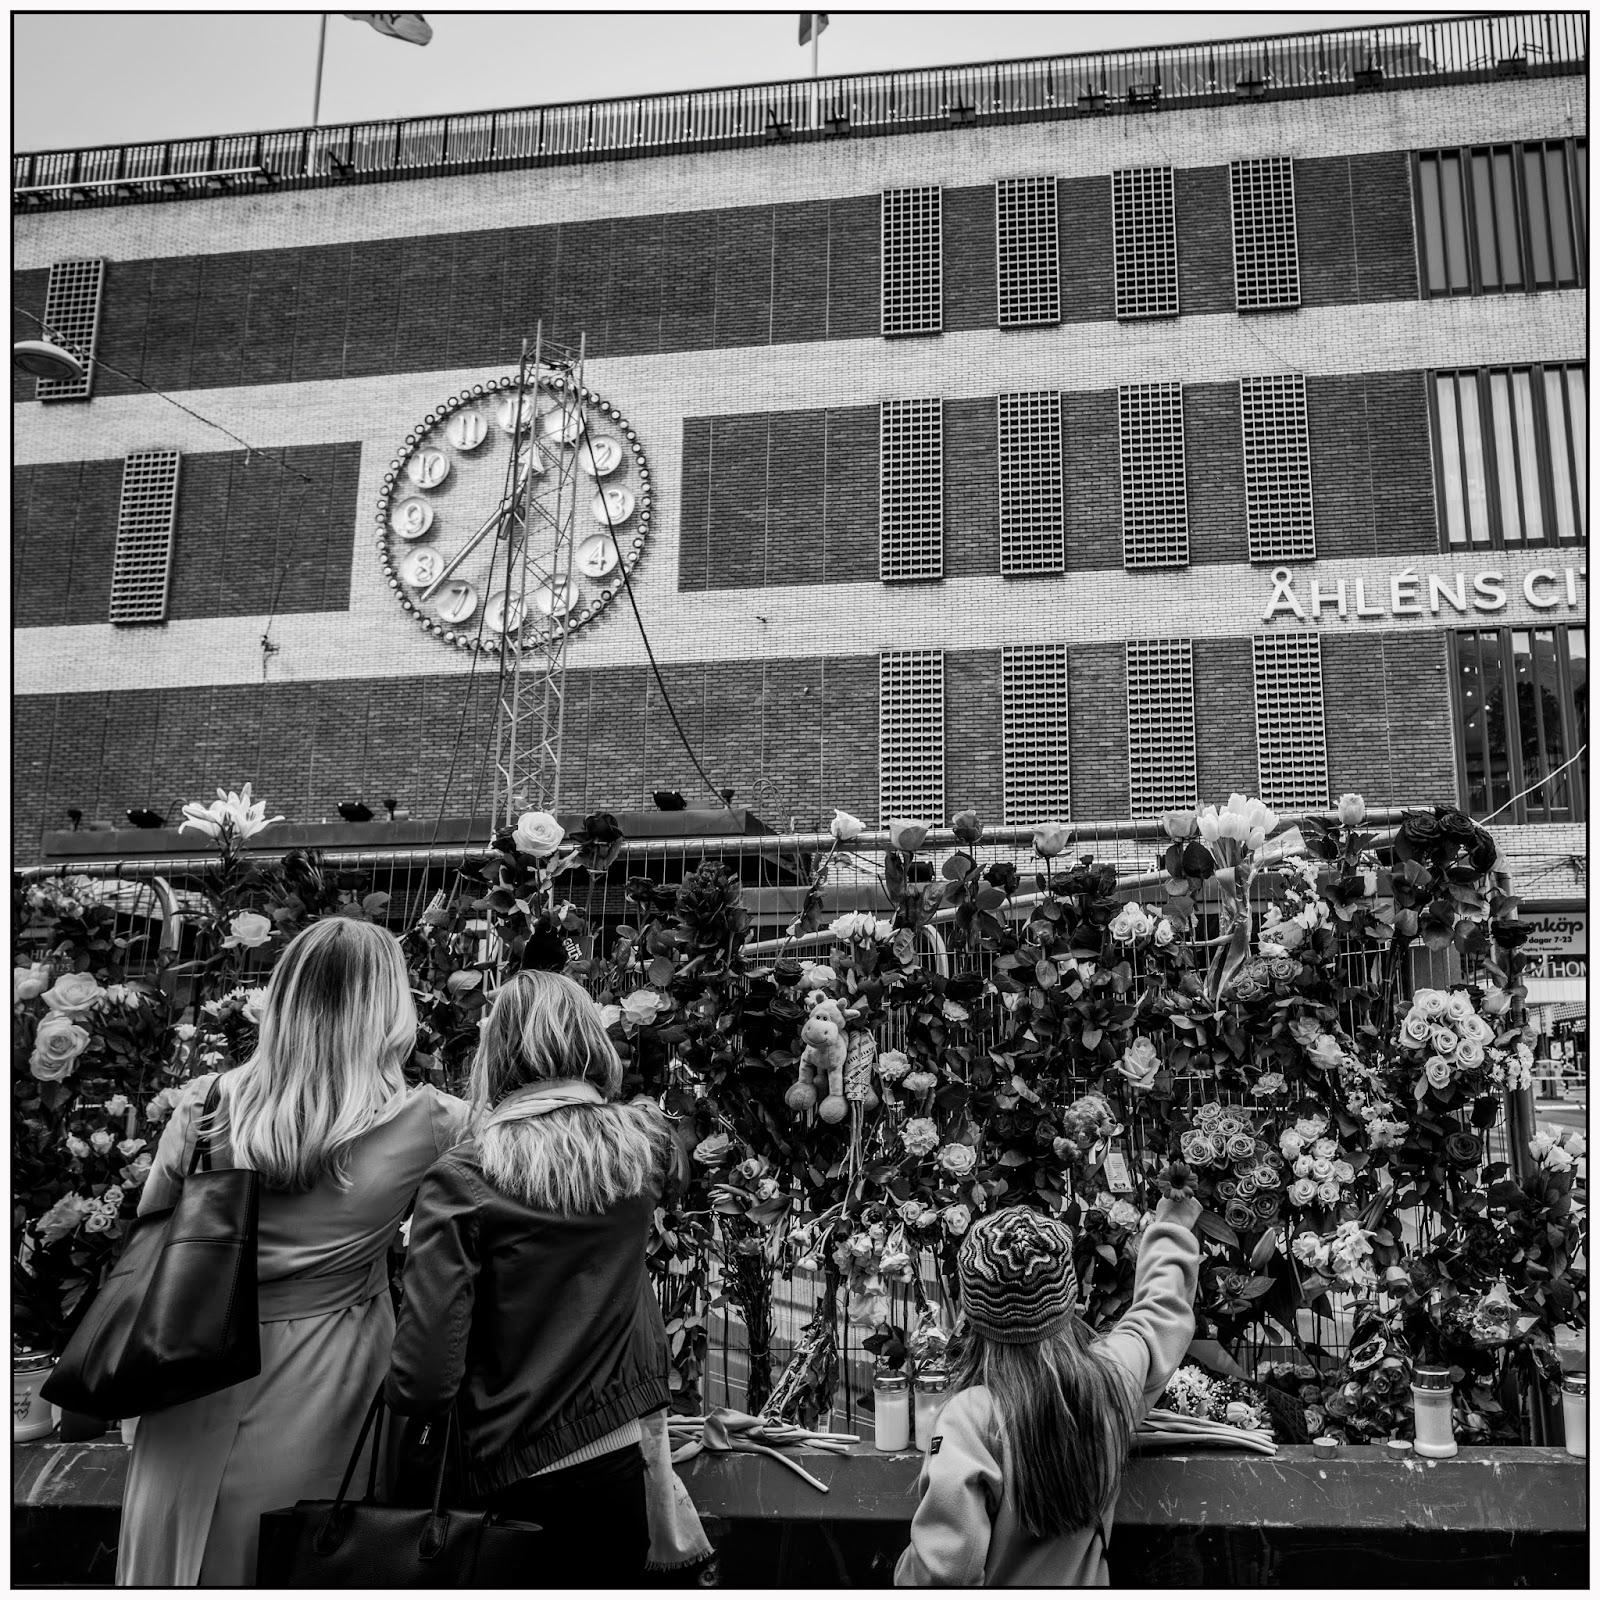 Dragkampen om city skilda varldar i stockholms